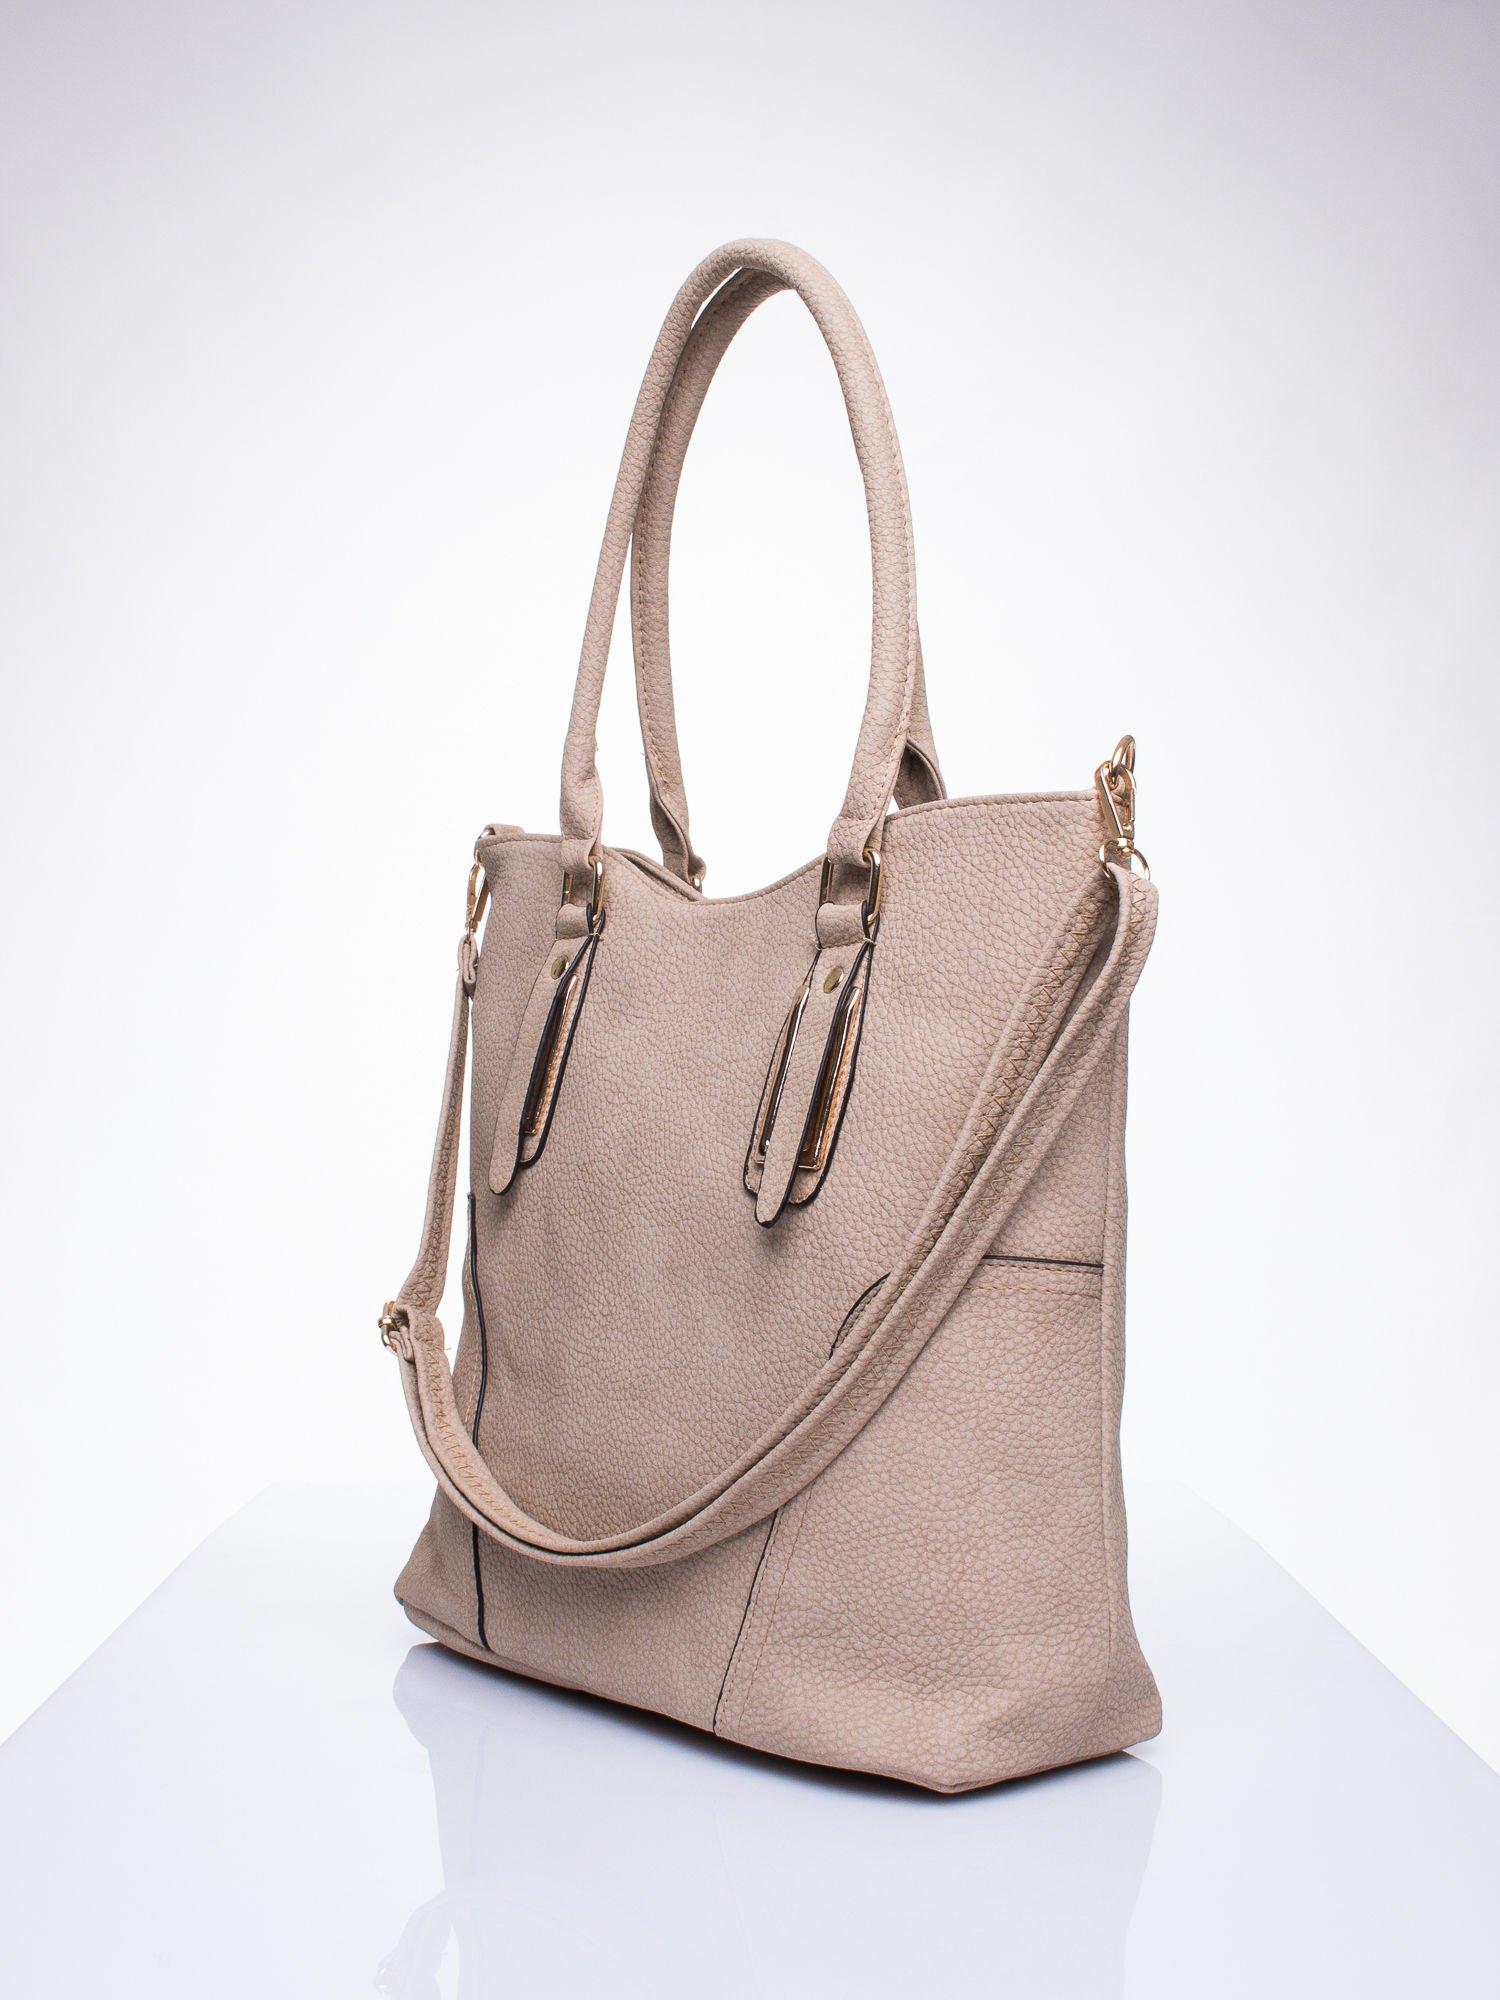 Jasnobrzowa torba shopper bag ze złotymi okuciami przy rączkach                                  zdj.                                  2